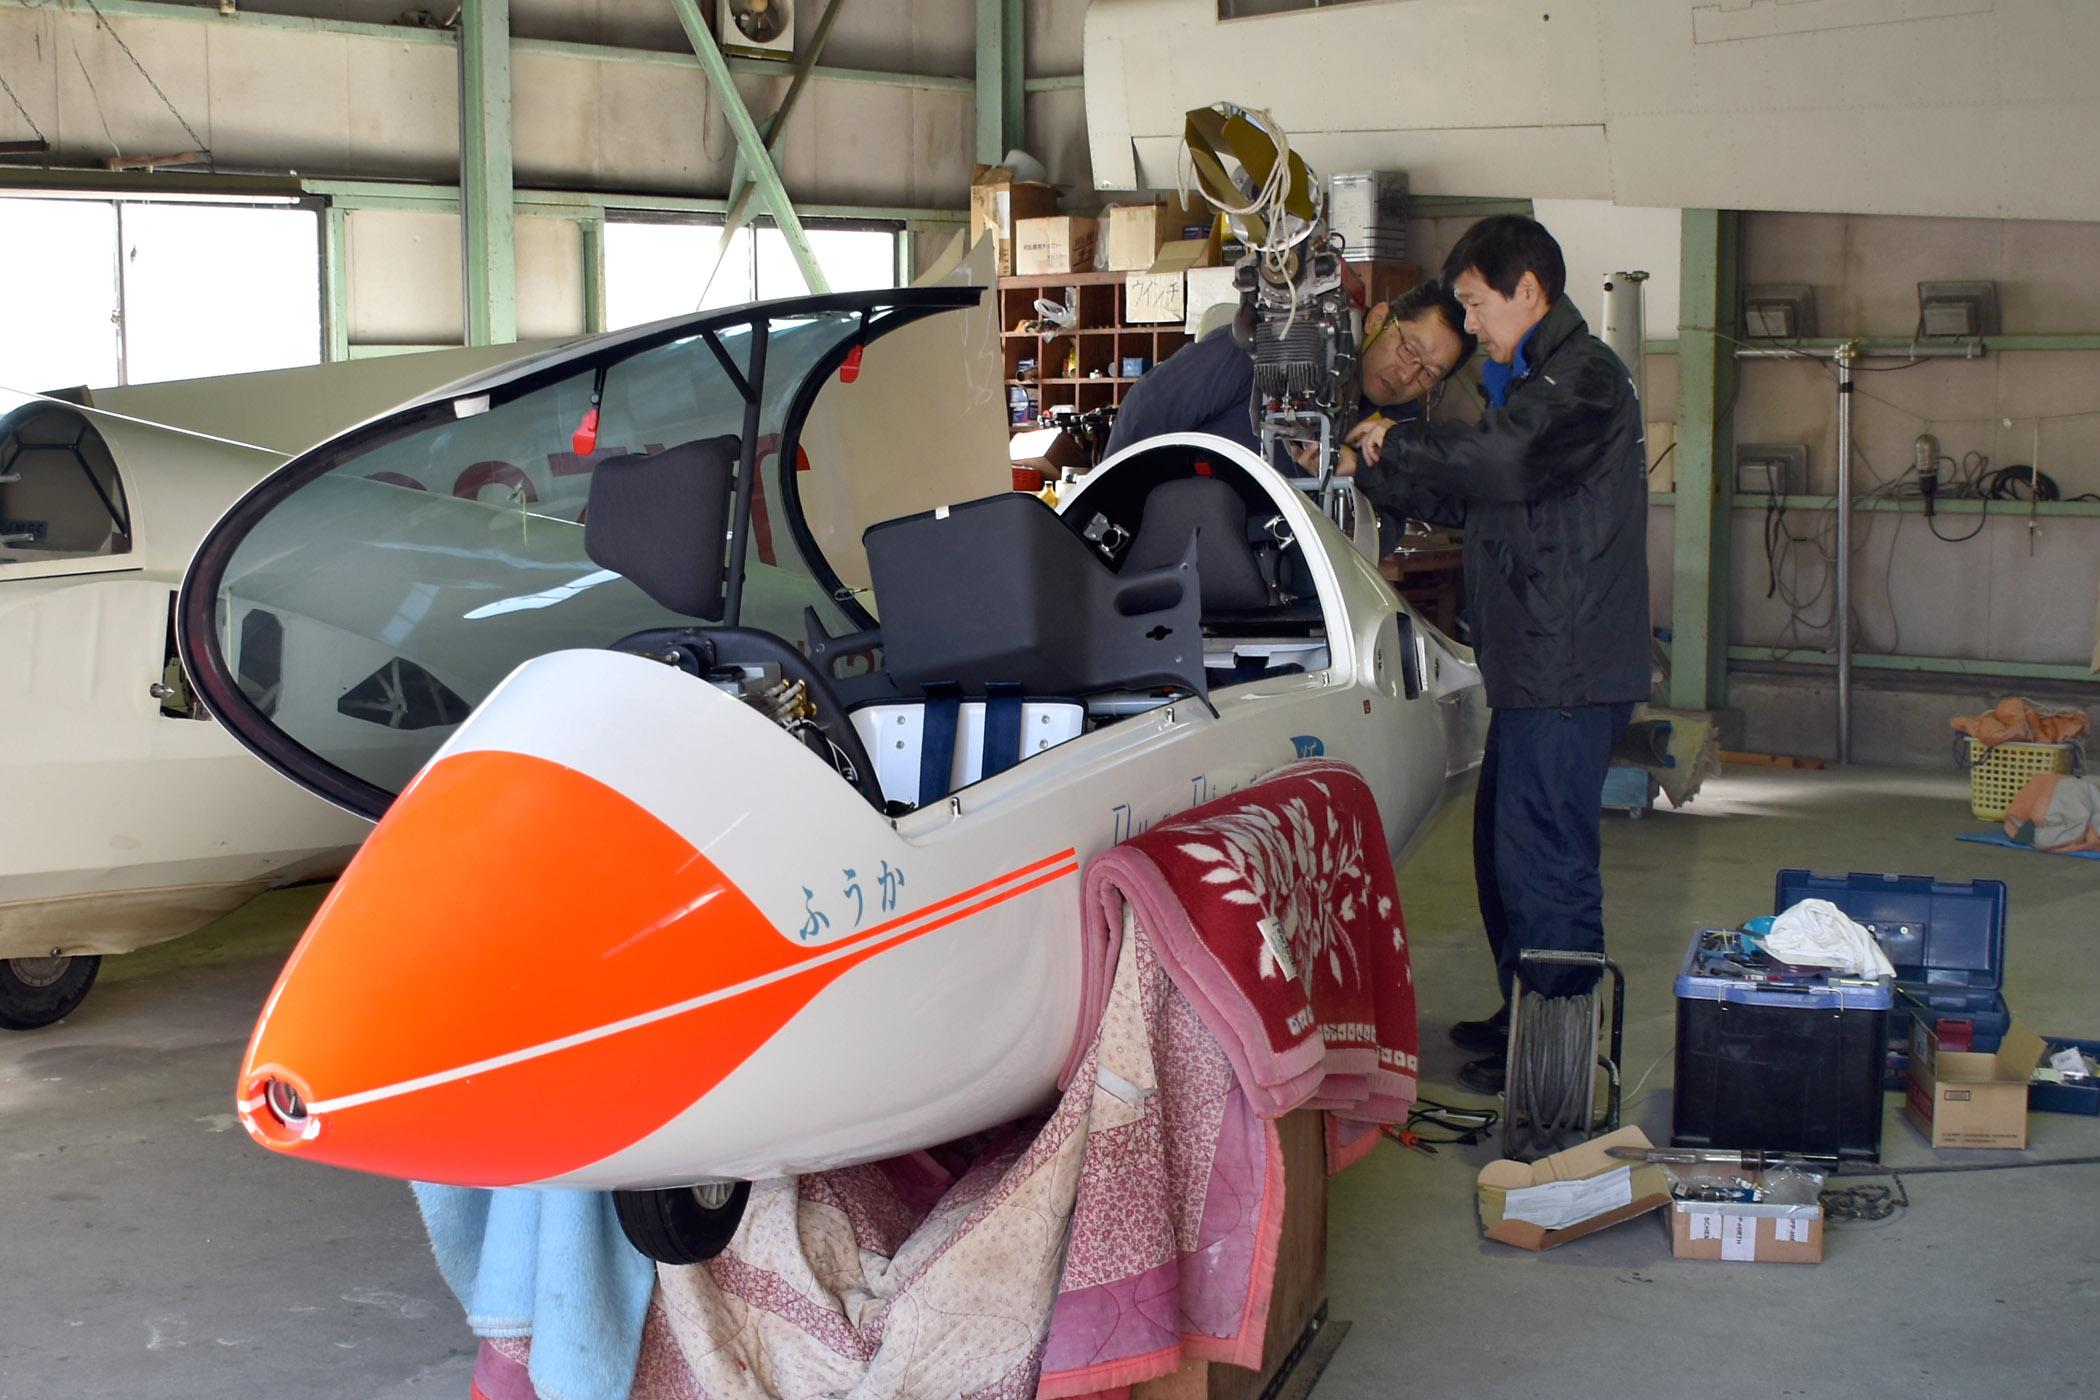 耐空検査整備の担は北整備士と山崎整備士